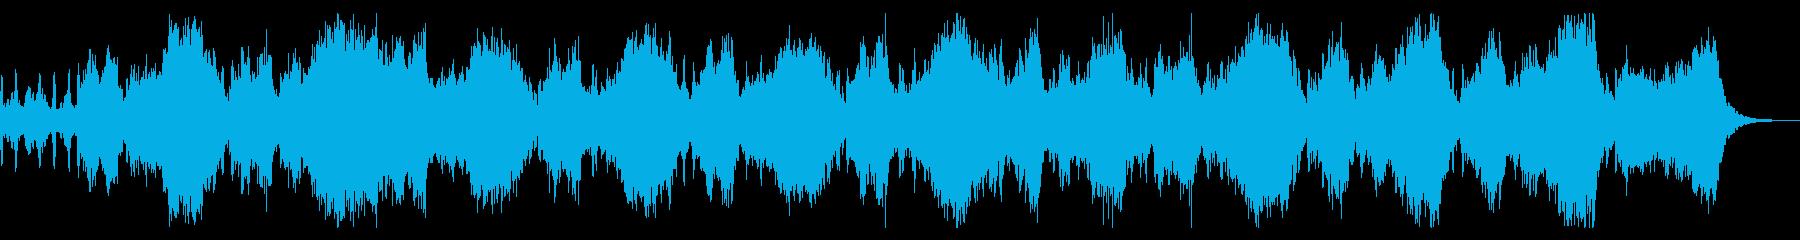 恐怖の演出 ホラー向けストリングスと合唱の再生済みの波形